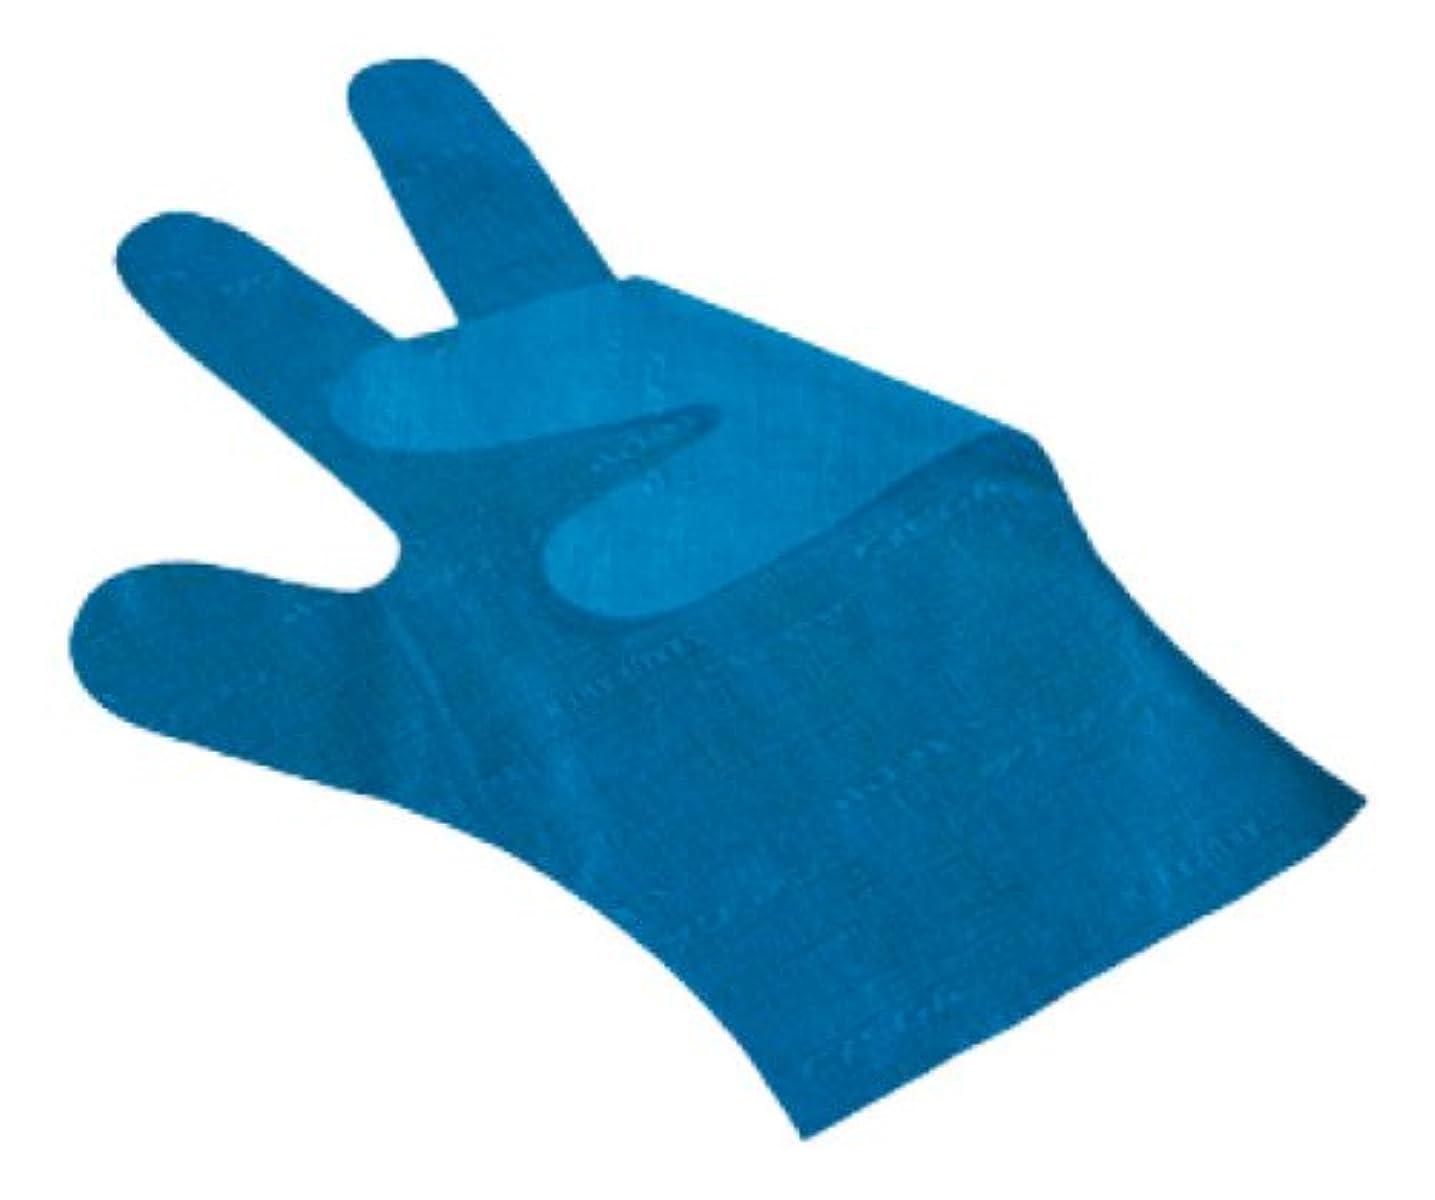 美的憧れ濃度サクラメン手袋 デラックス(100枚入)L ブルー 35μ